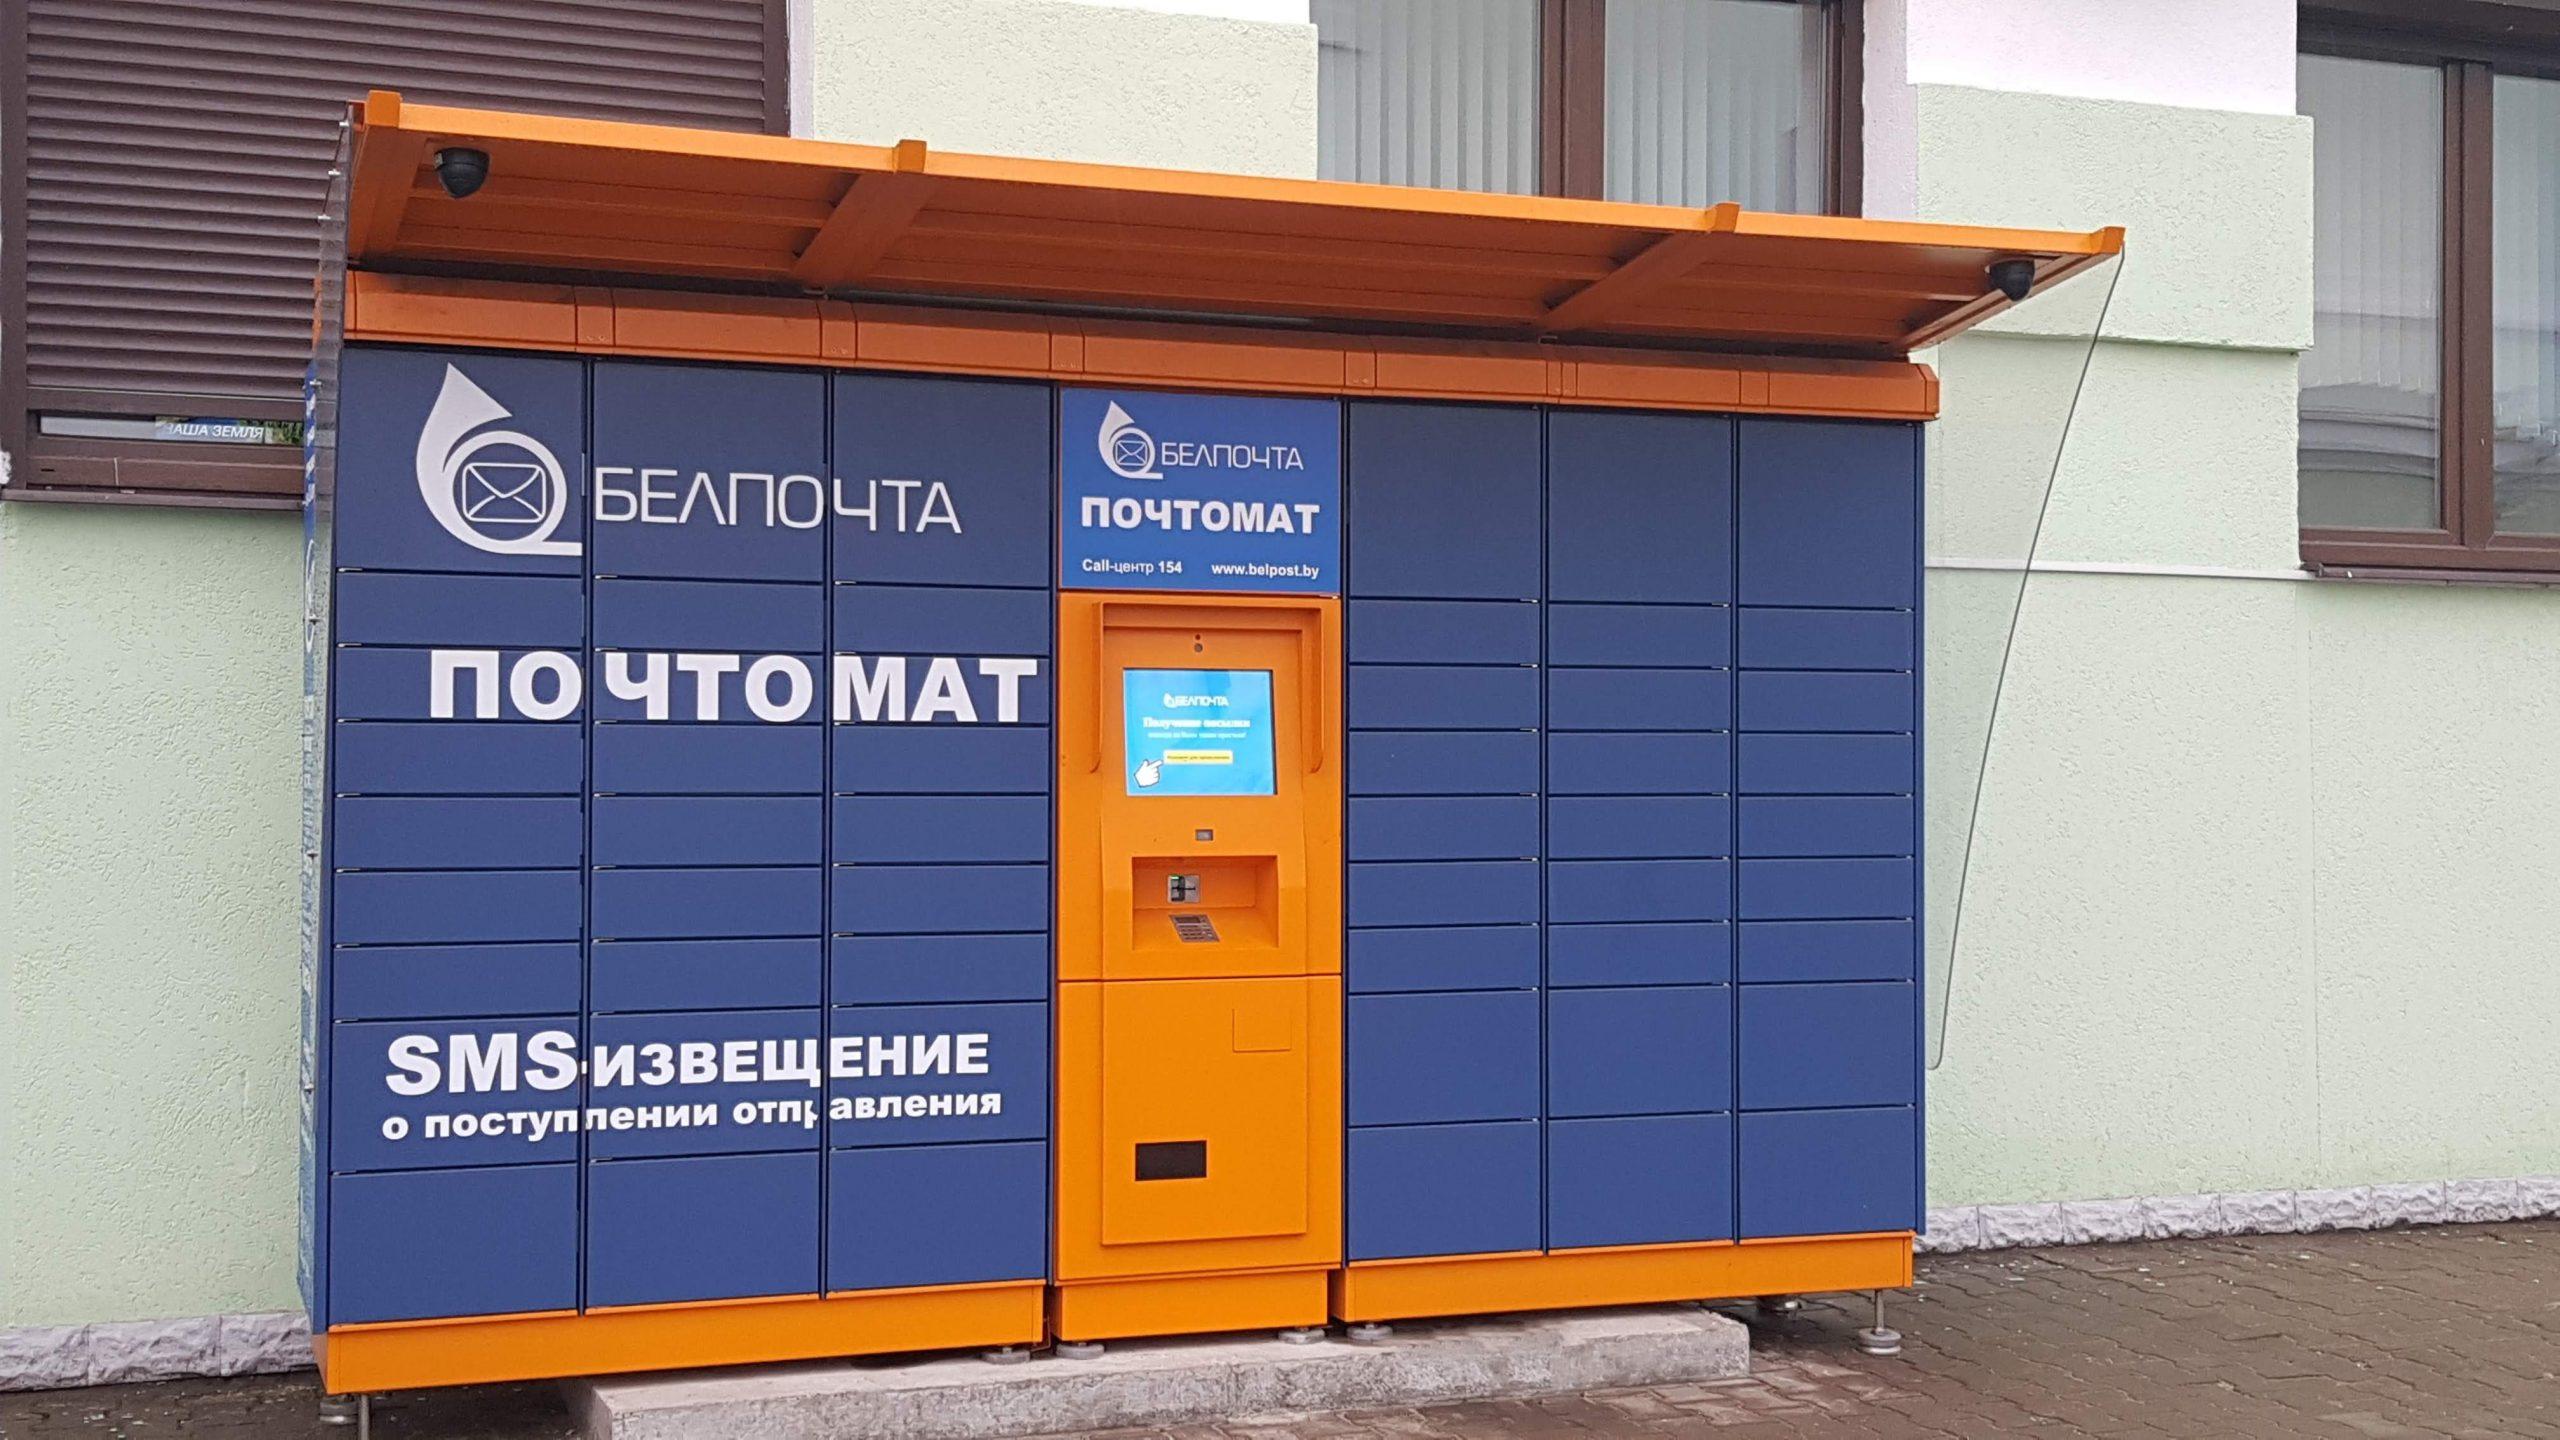 Почему выдача посылок через постаматы не столь популярна в Беларуси? 1